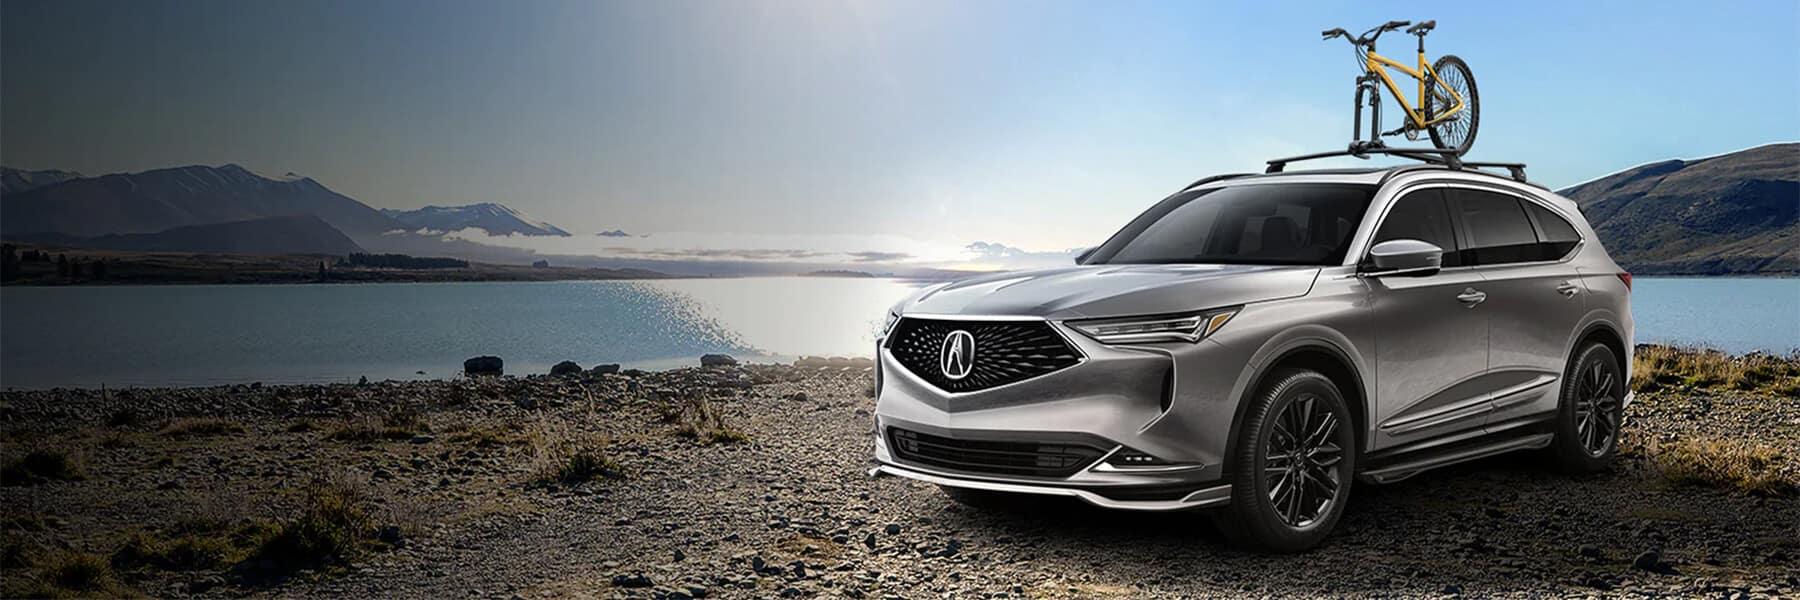 Acura Models List 2022 MDX Slider